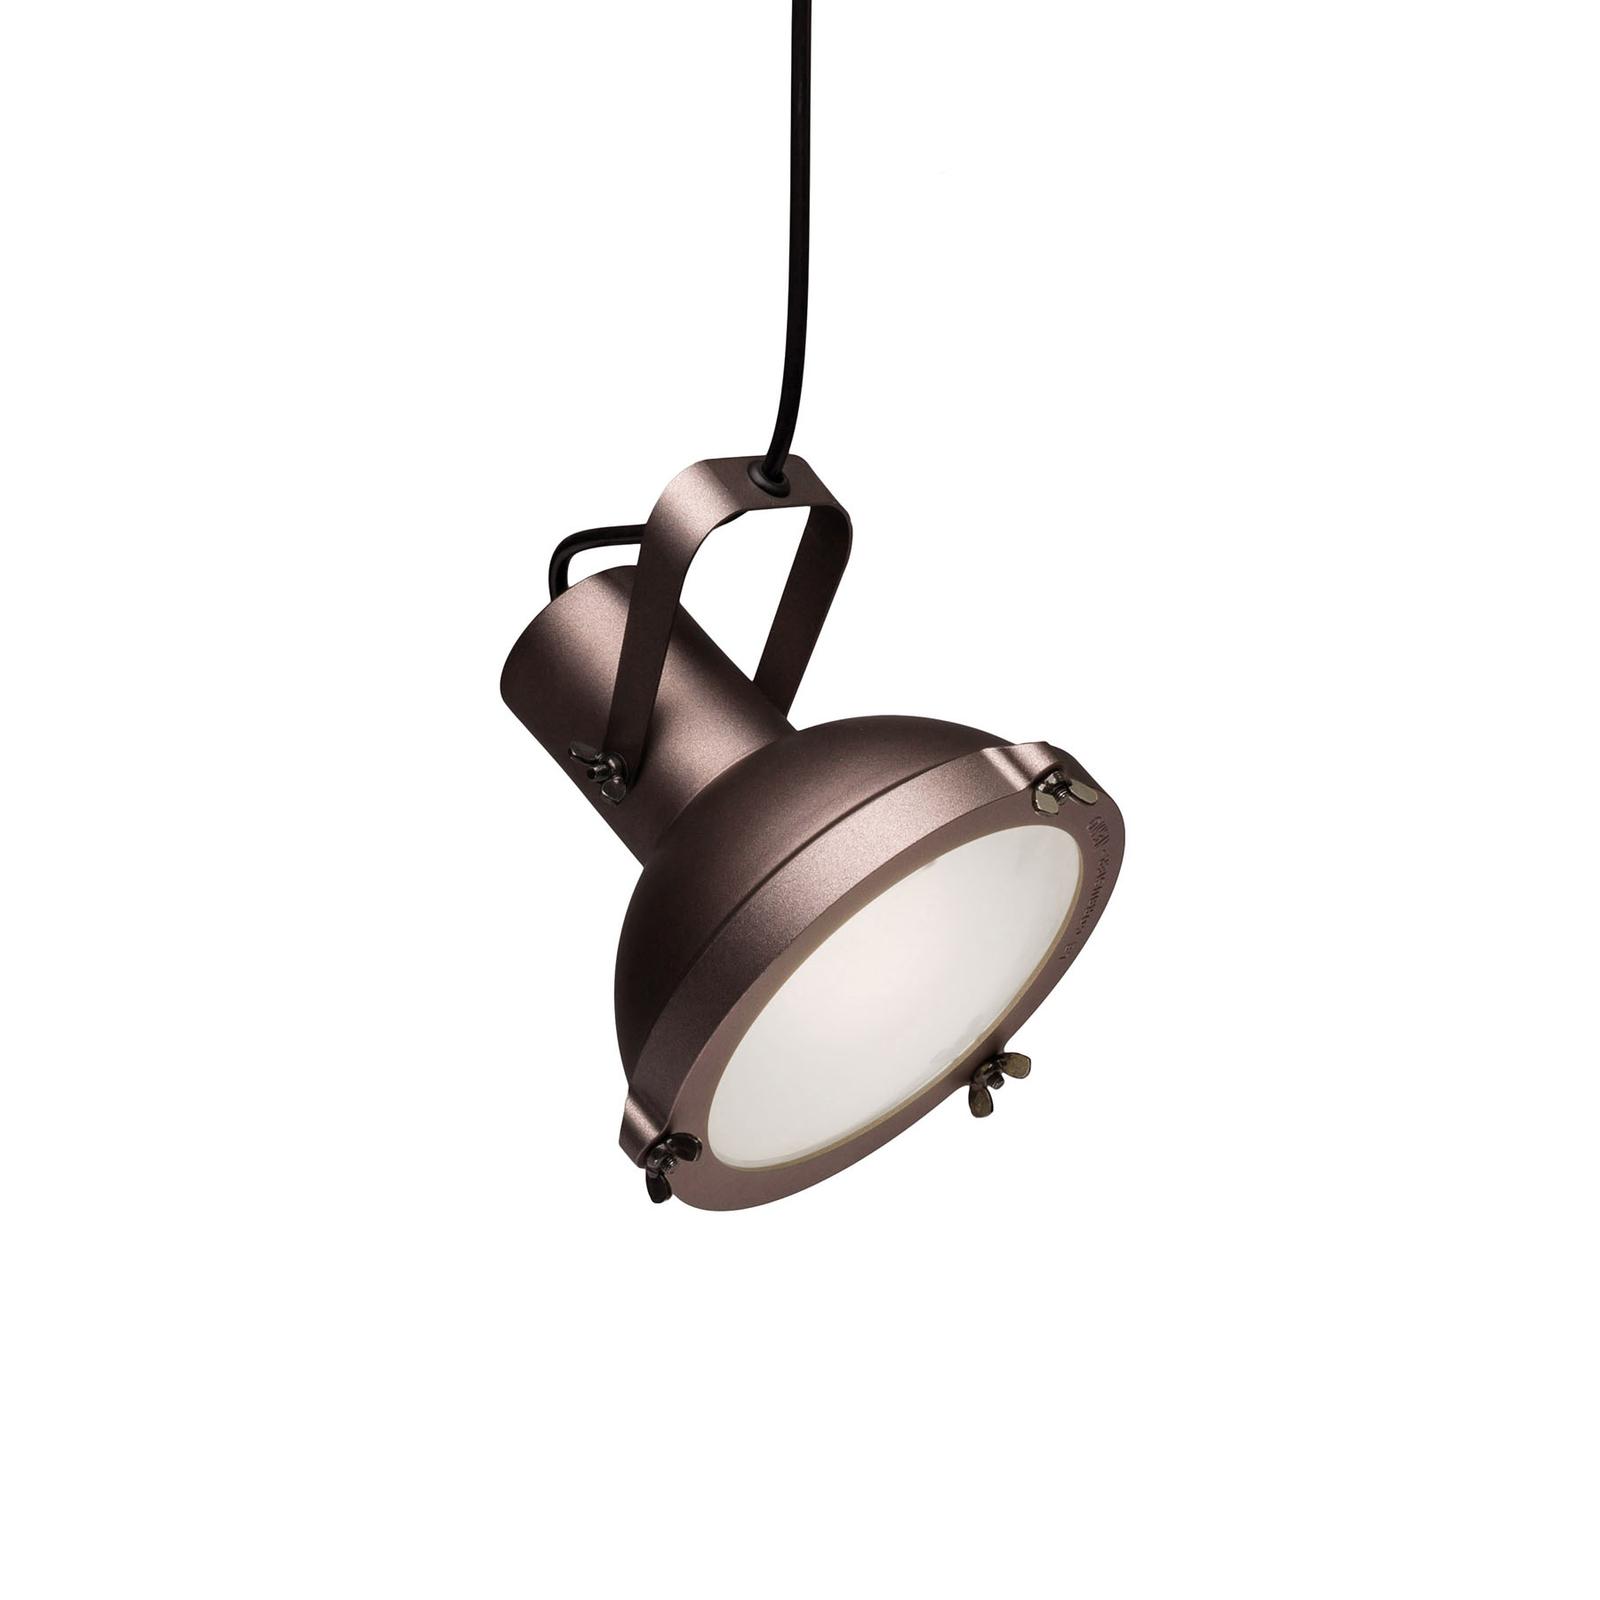 Nemo Projecteur 165 lámpara colgante, marrón moca